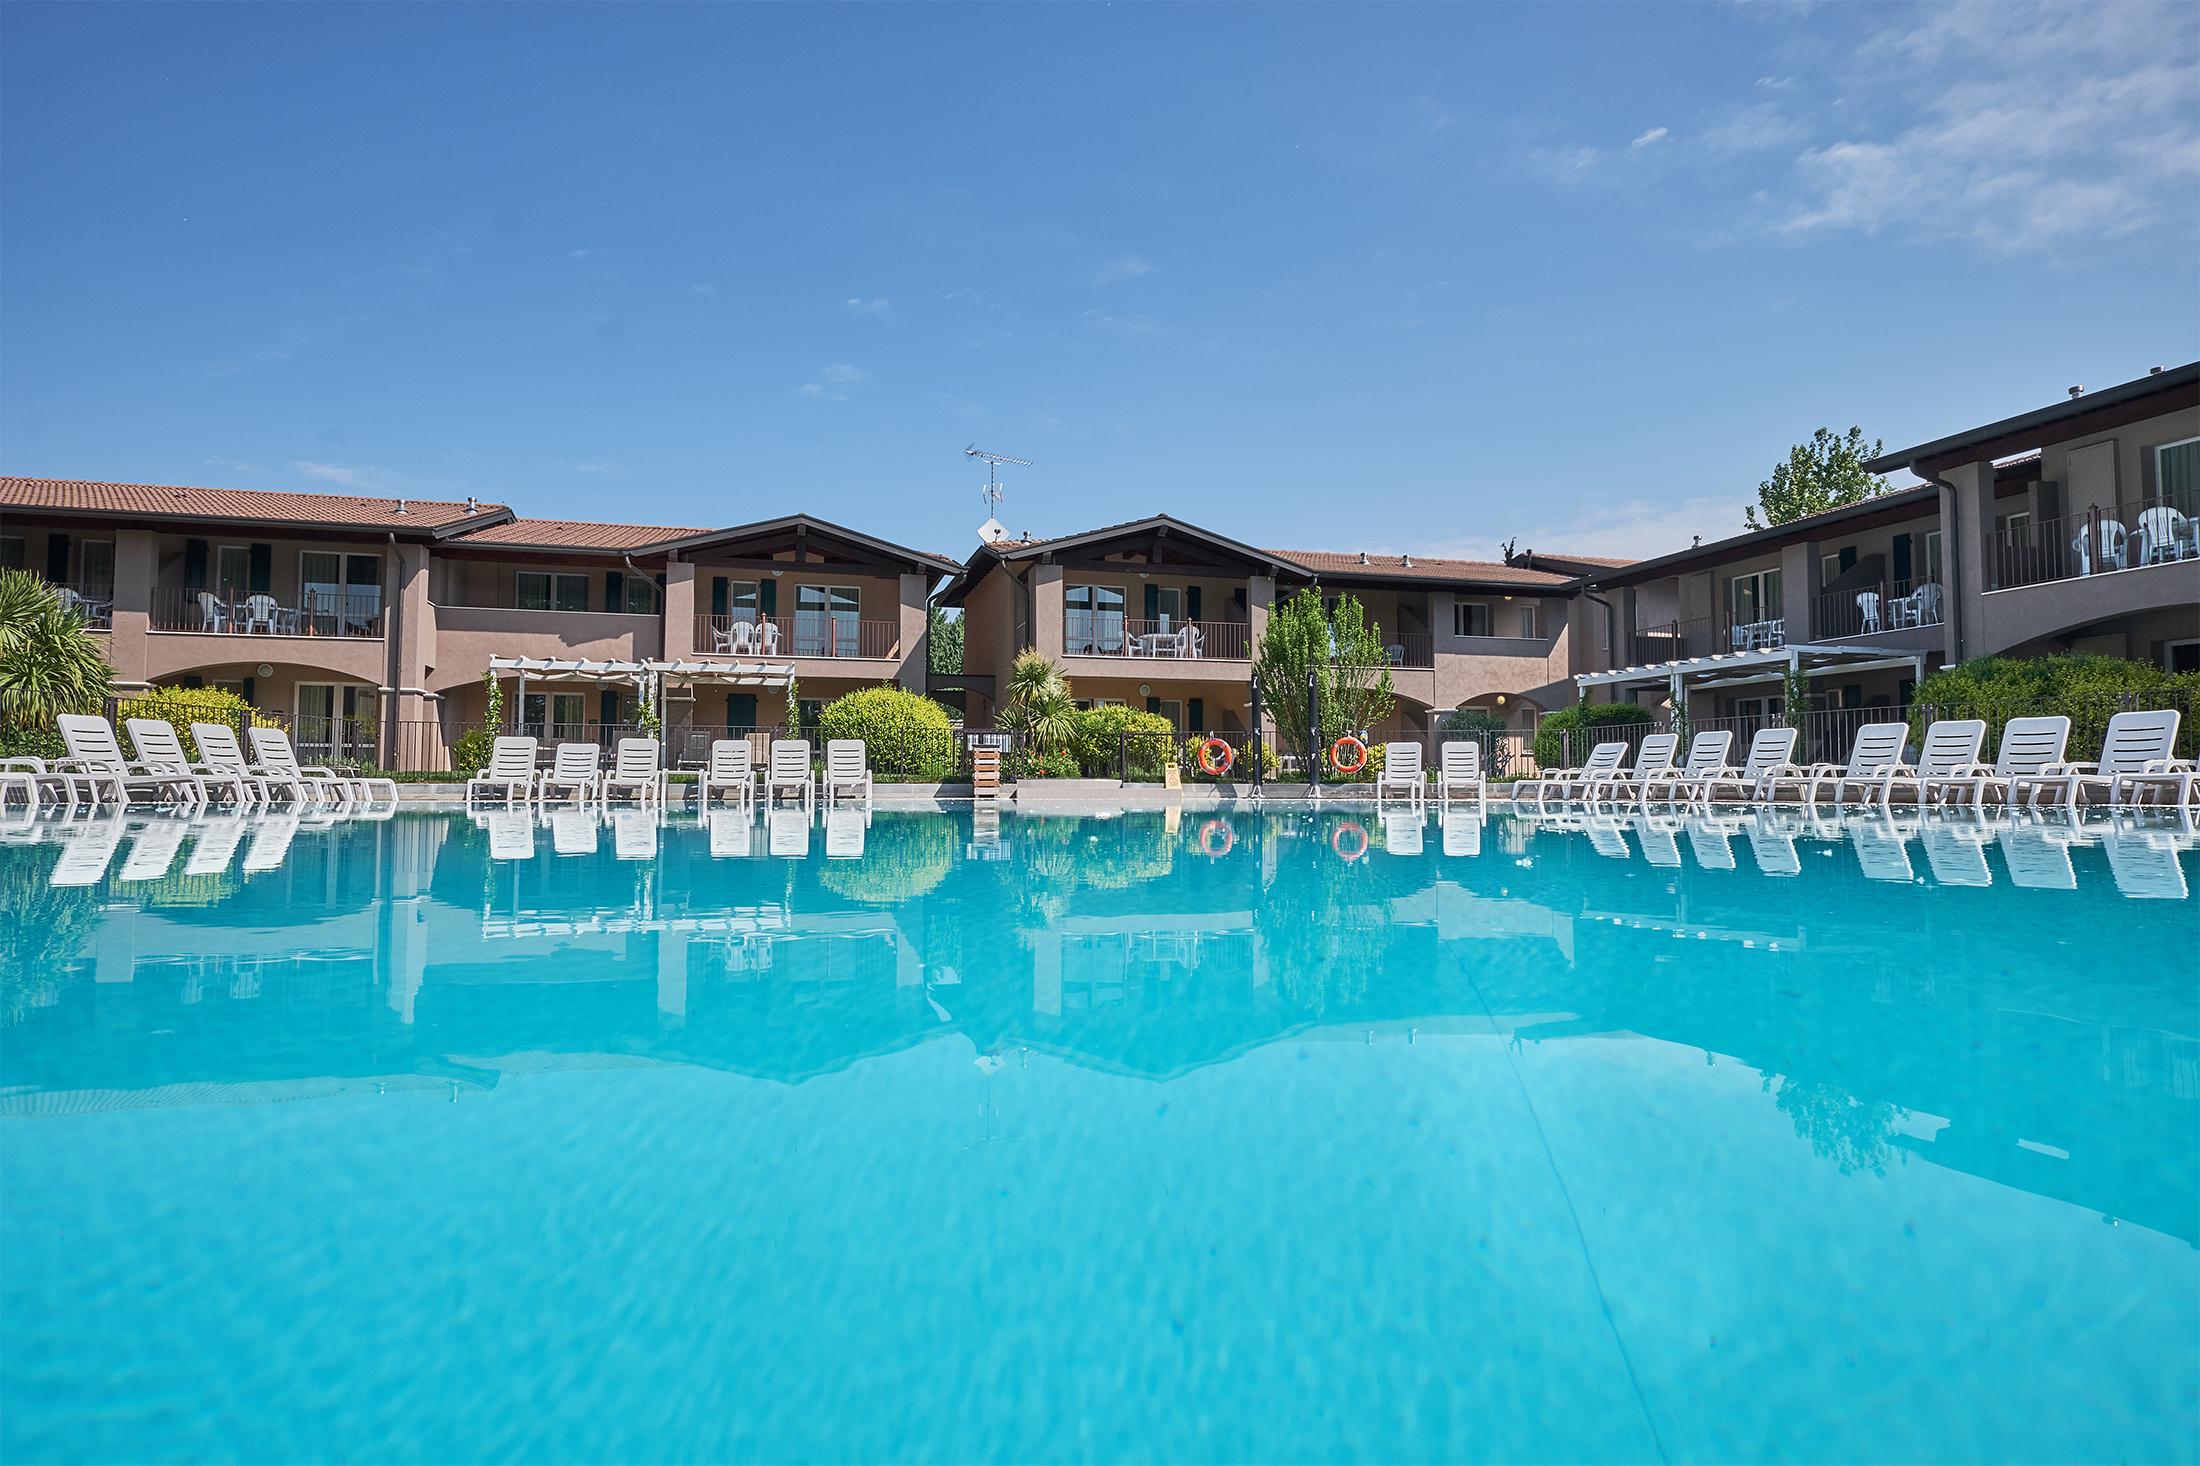 Divertiti nelle nostre piscine | Have a blast in our swimming pools